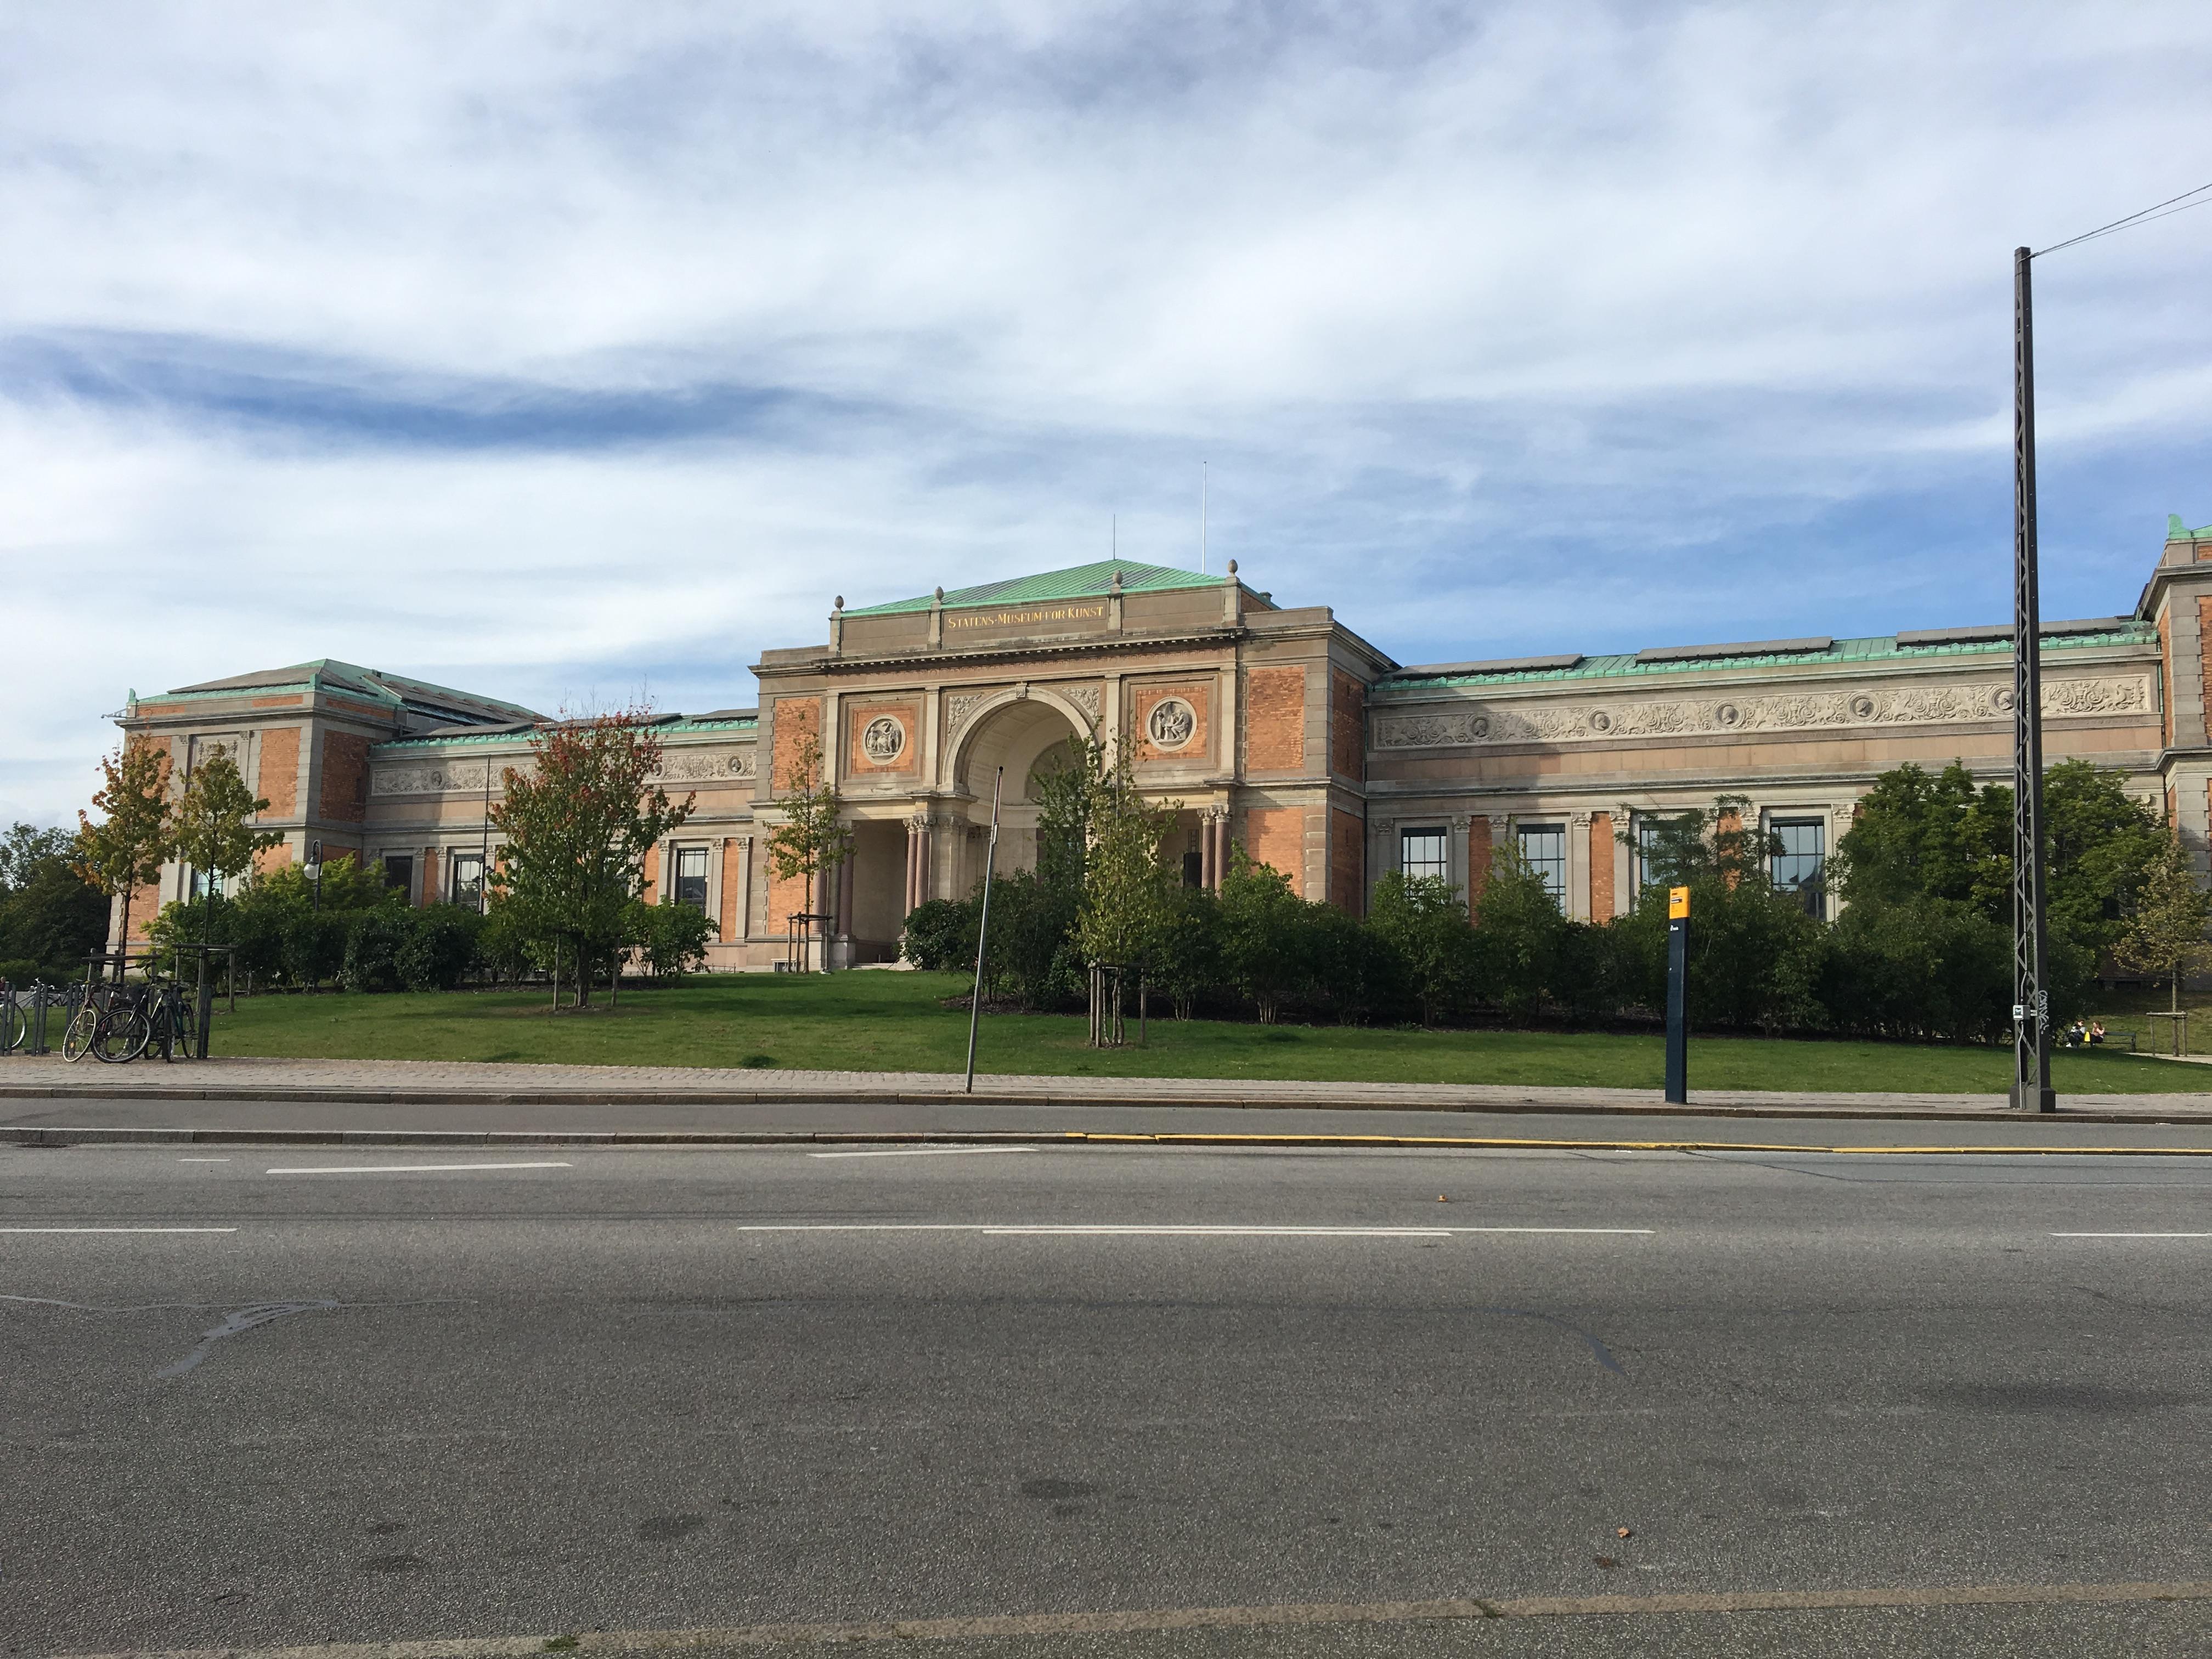 Państwowe Muzeum Sztuki w Kopenhadze